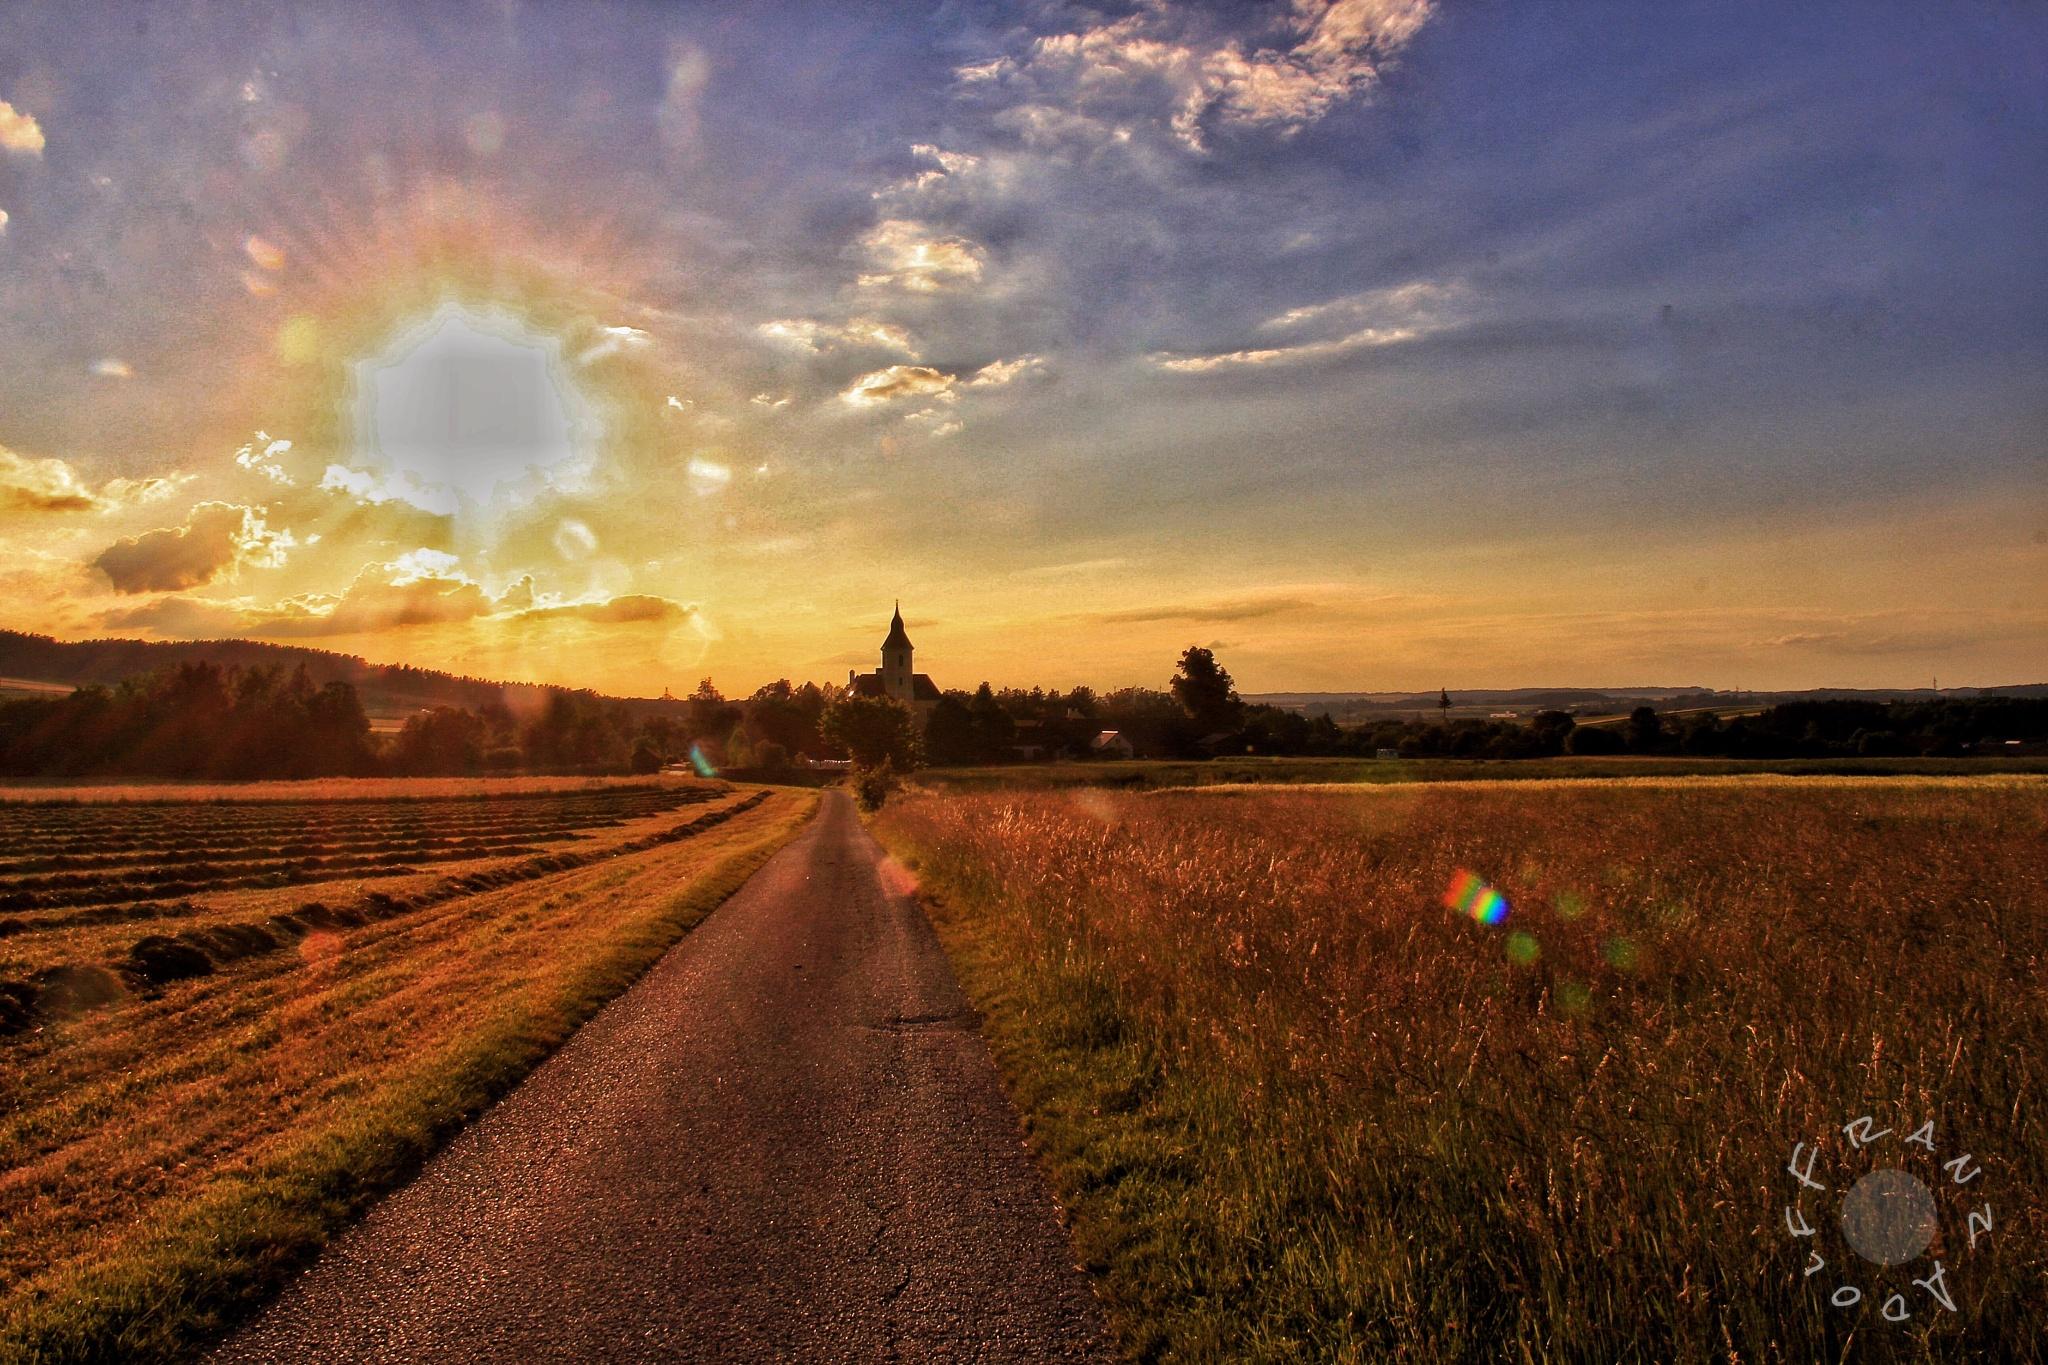 Sunset in Ratschenhof near Zwettl in Austria  by Franzl